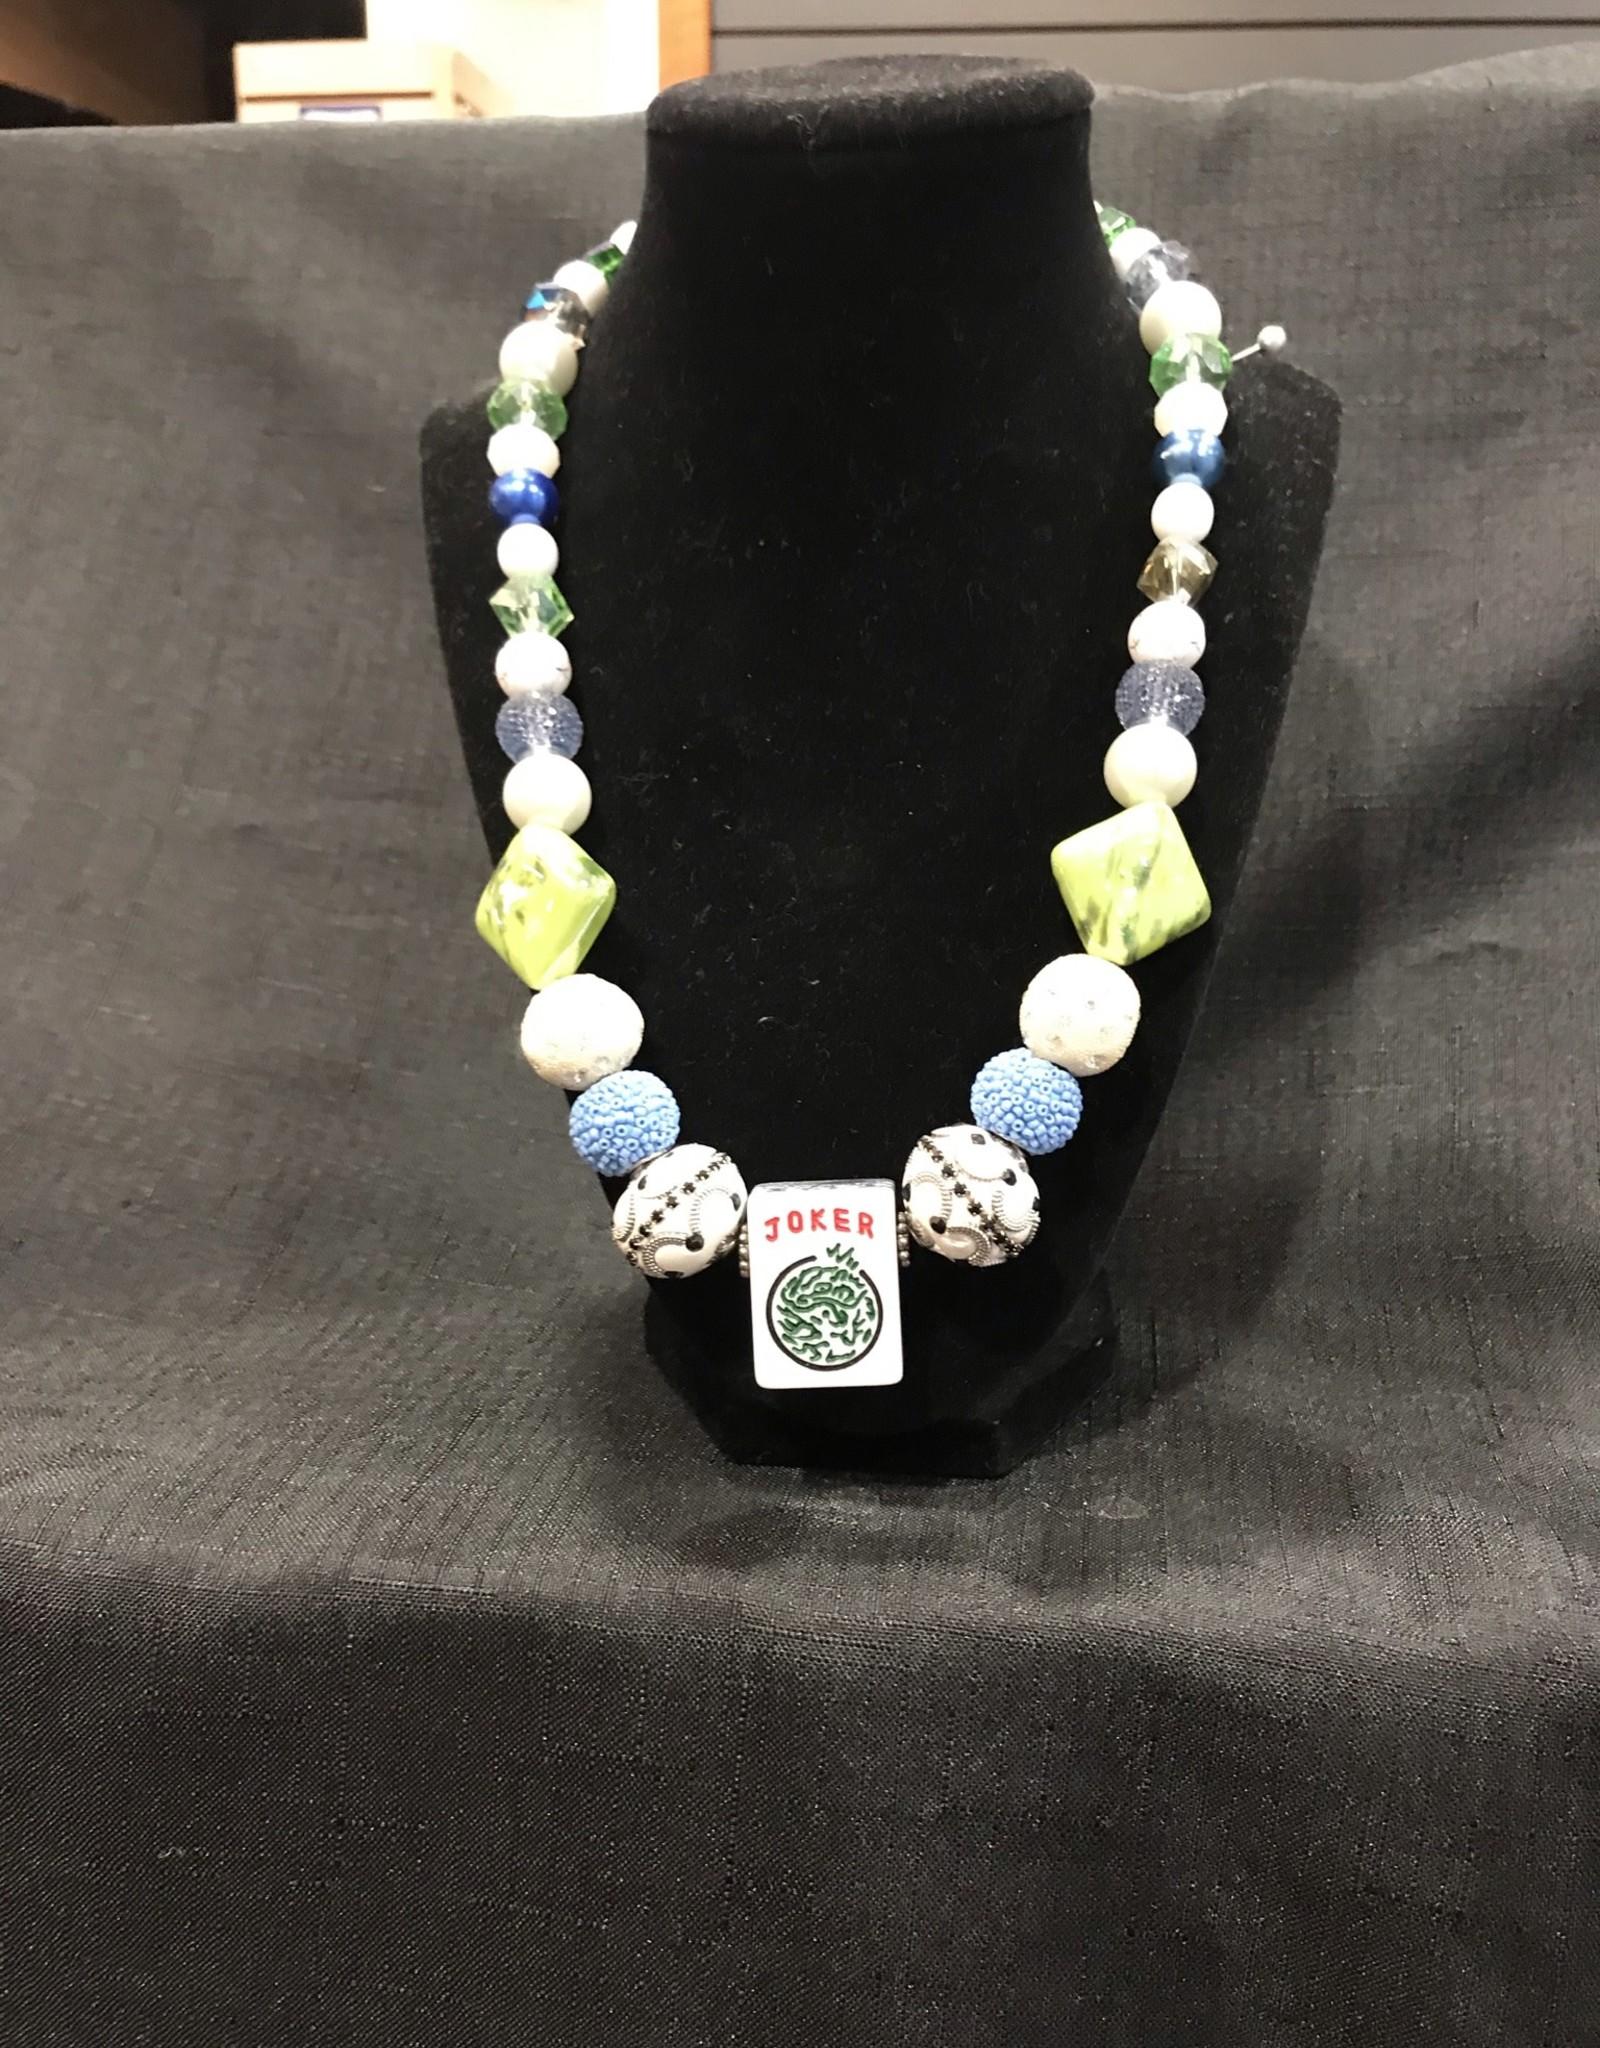 Mah Jong necklace - multi